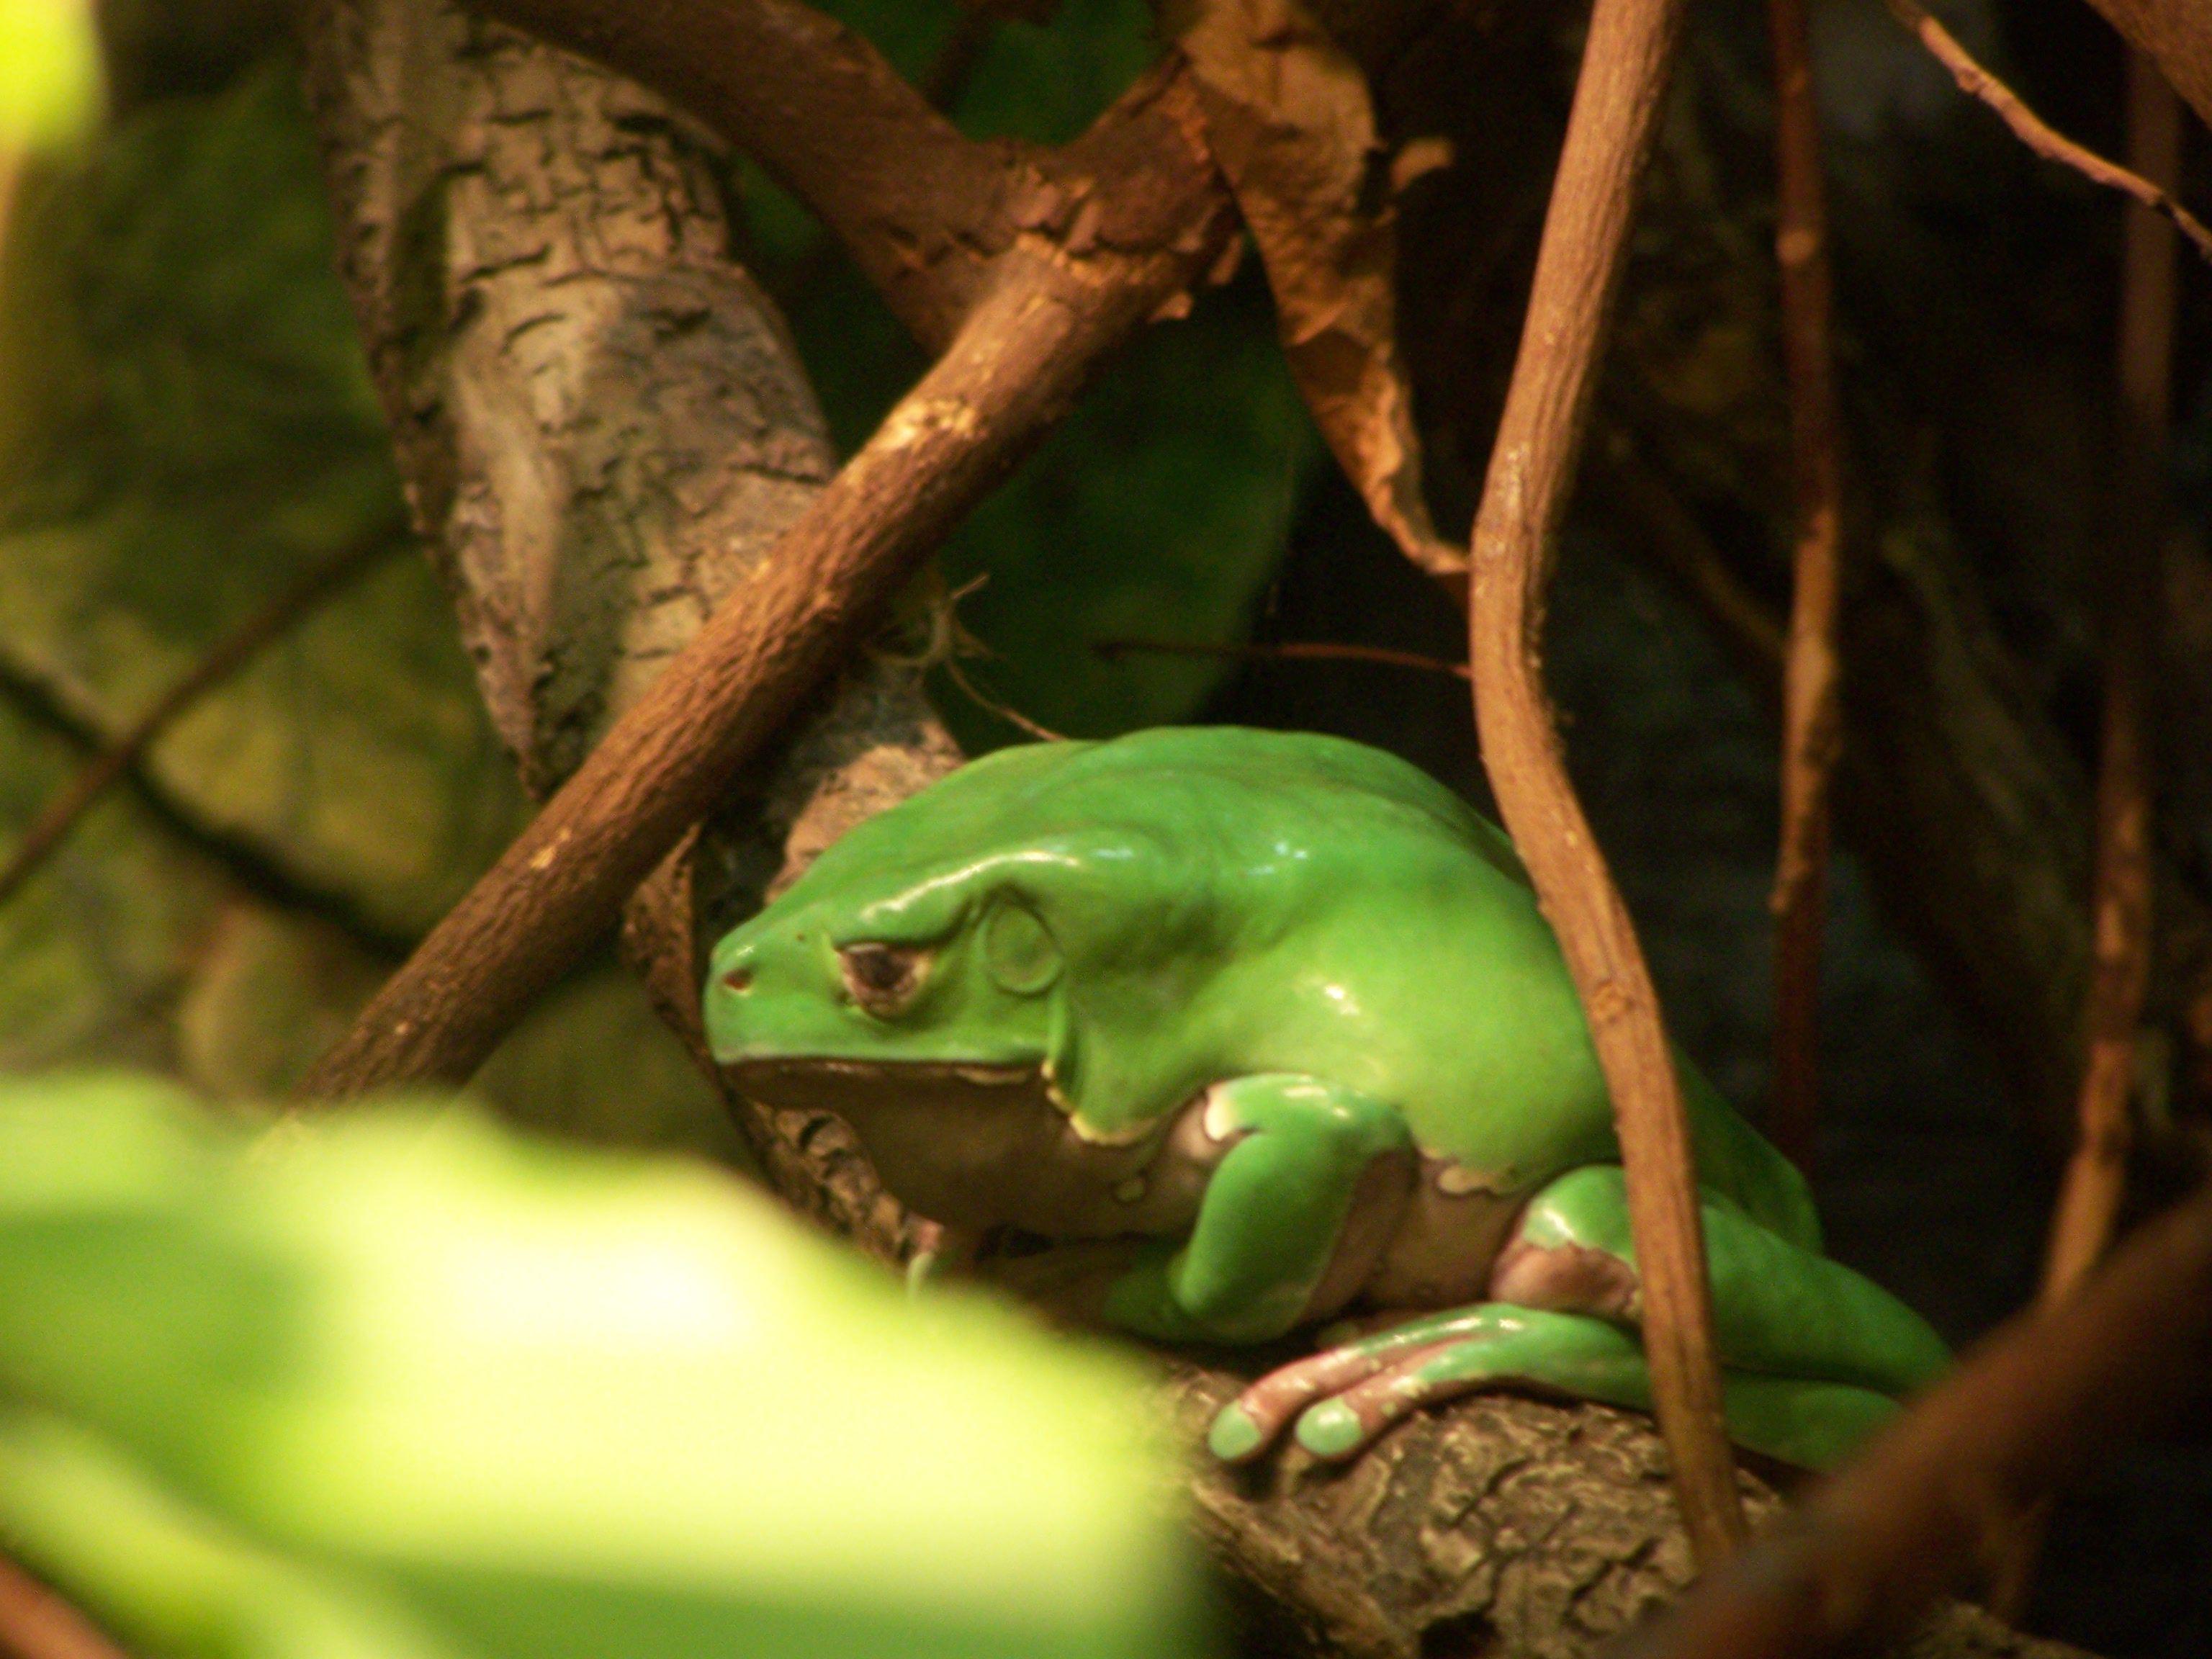 Aquarium Frog | Pictures | Pinterest | Frogs and Aquariums